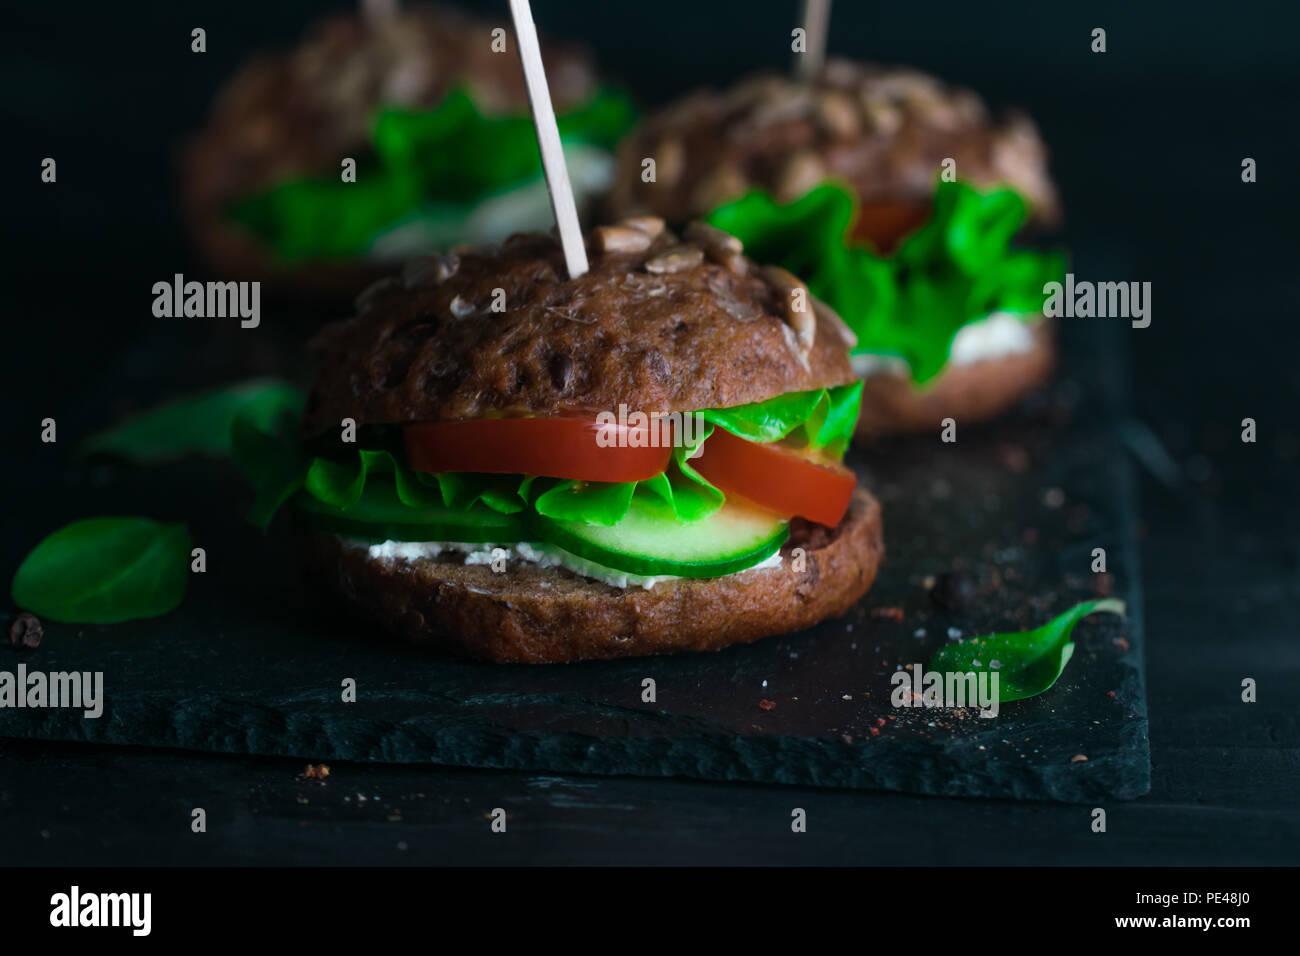 Sandwich avec salade verte, tomates, concombres et fromage à la crème sur le béton 24. Photo Stock